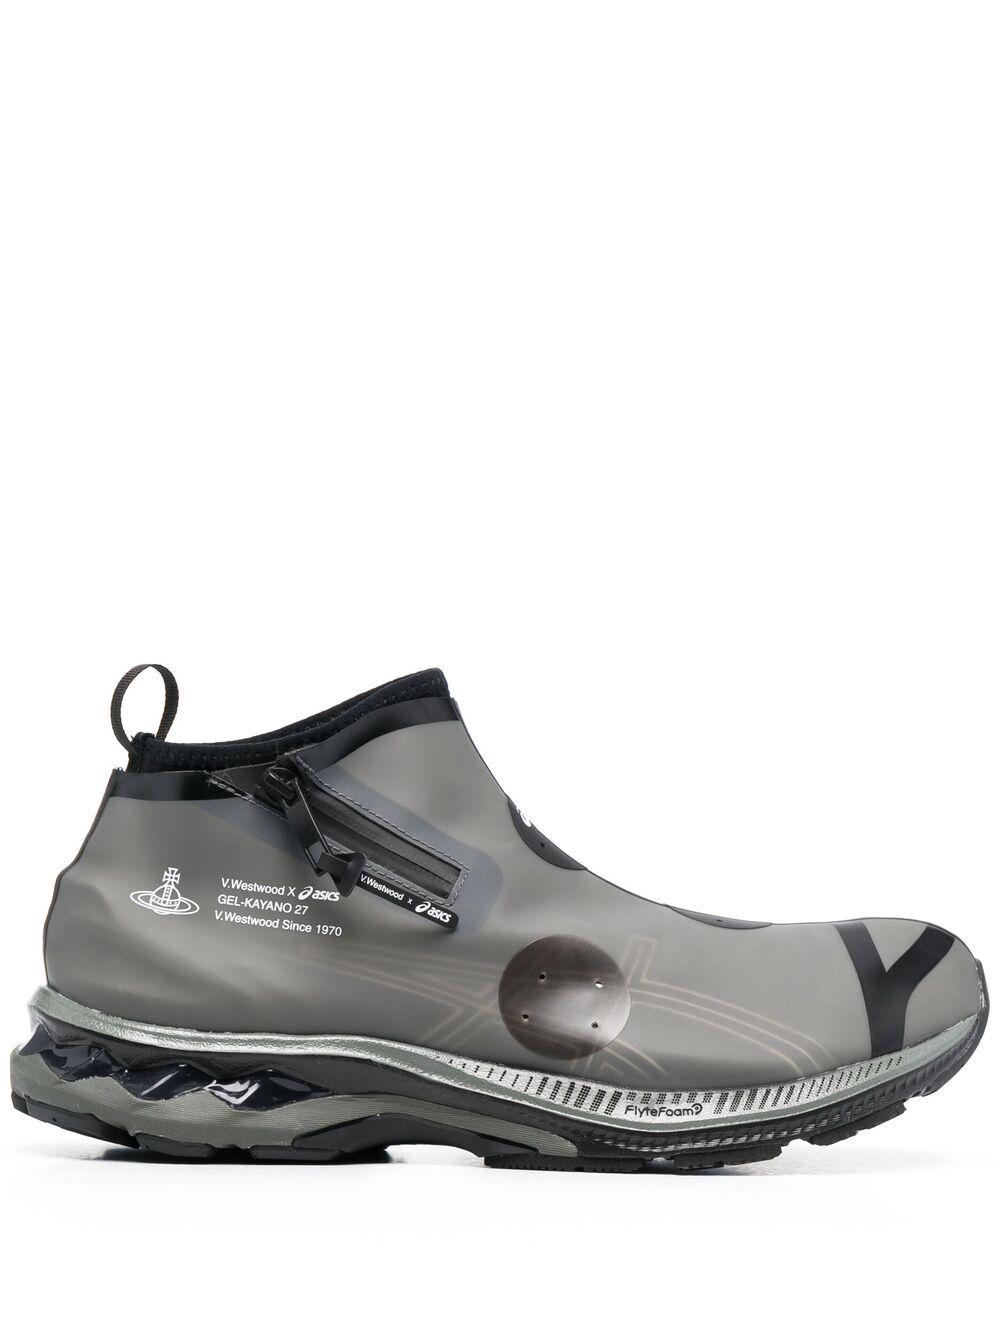 GEL GAYANO 27 SNEAKERS ASICS X VIVIENNE WESTWOOD   Sneakers   1201A115001